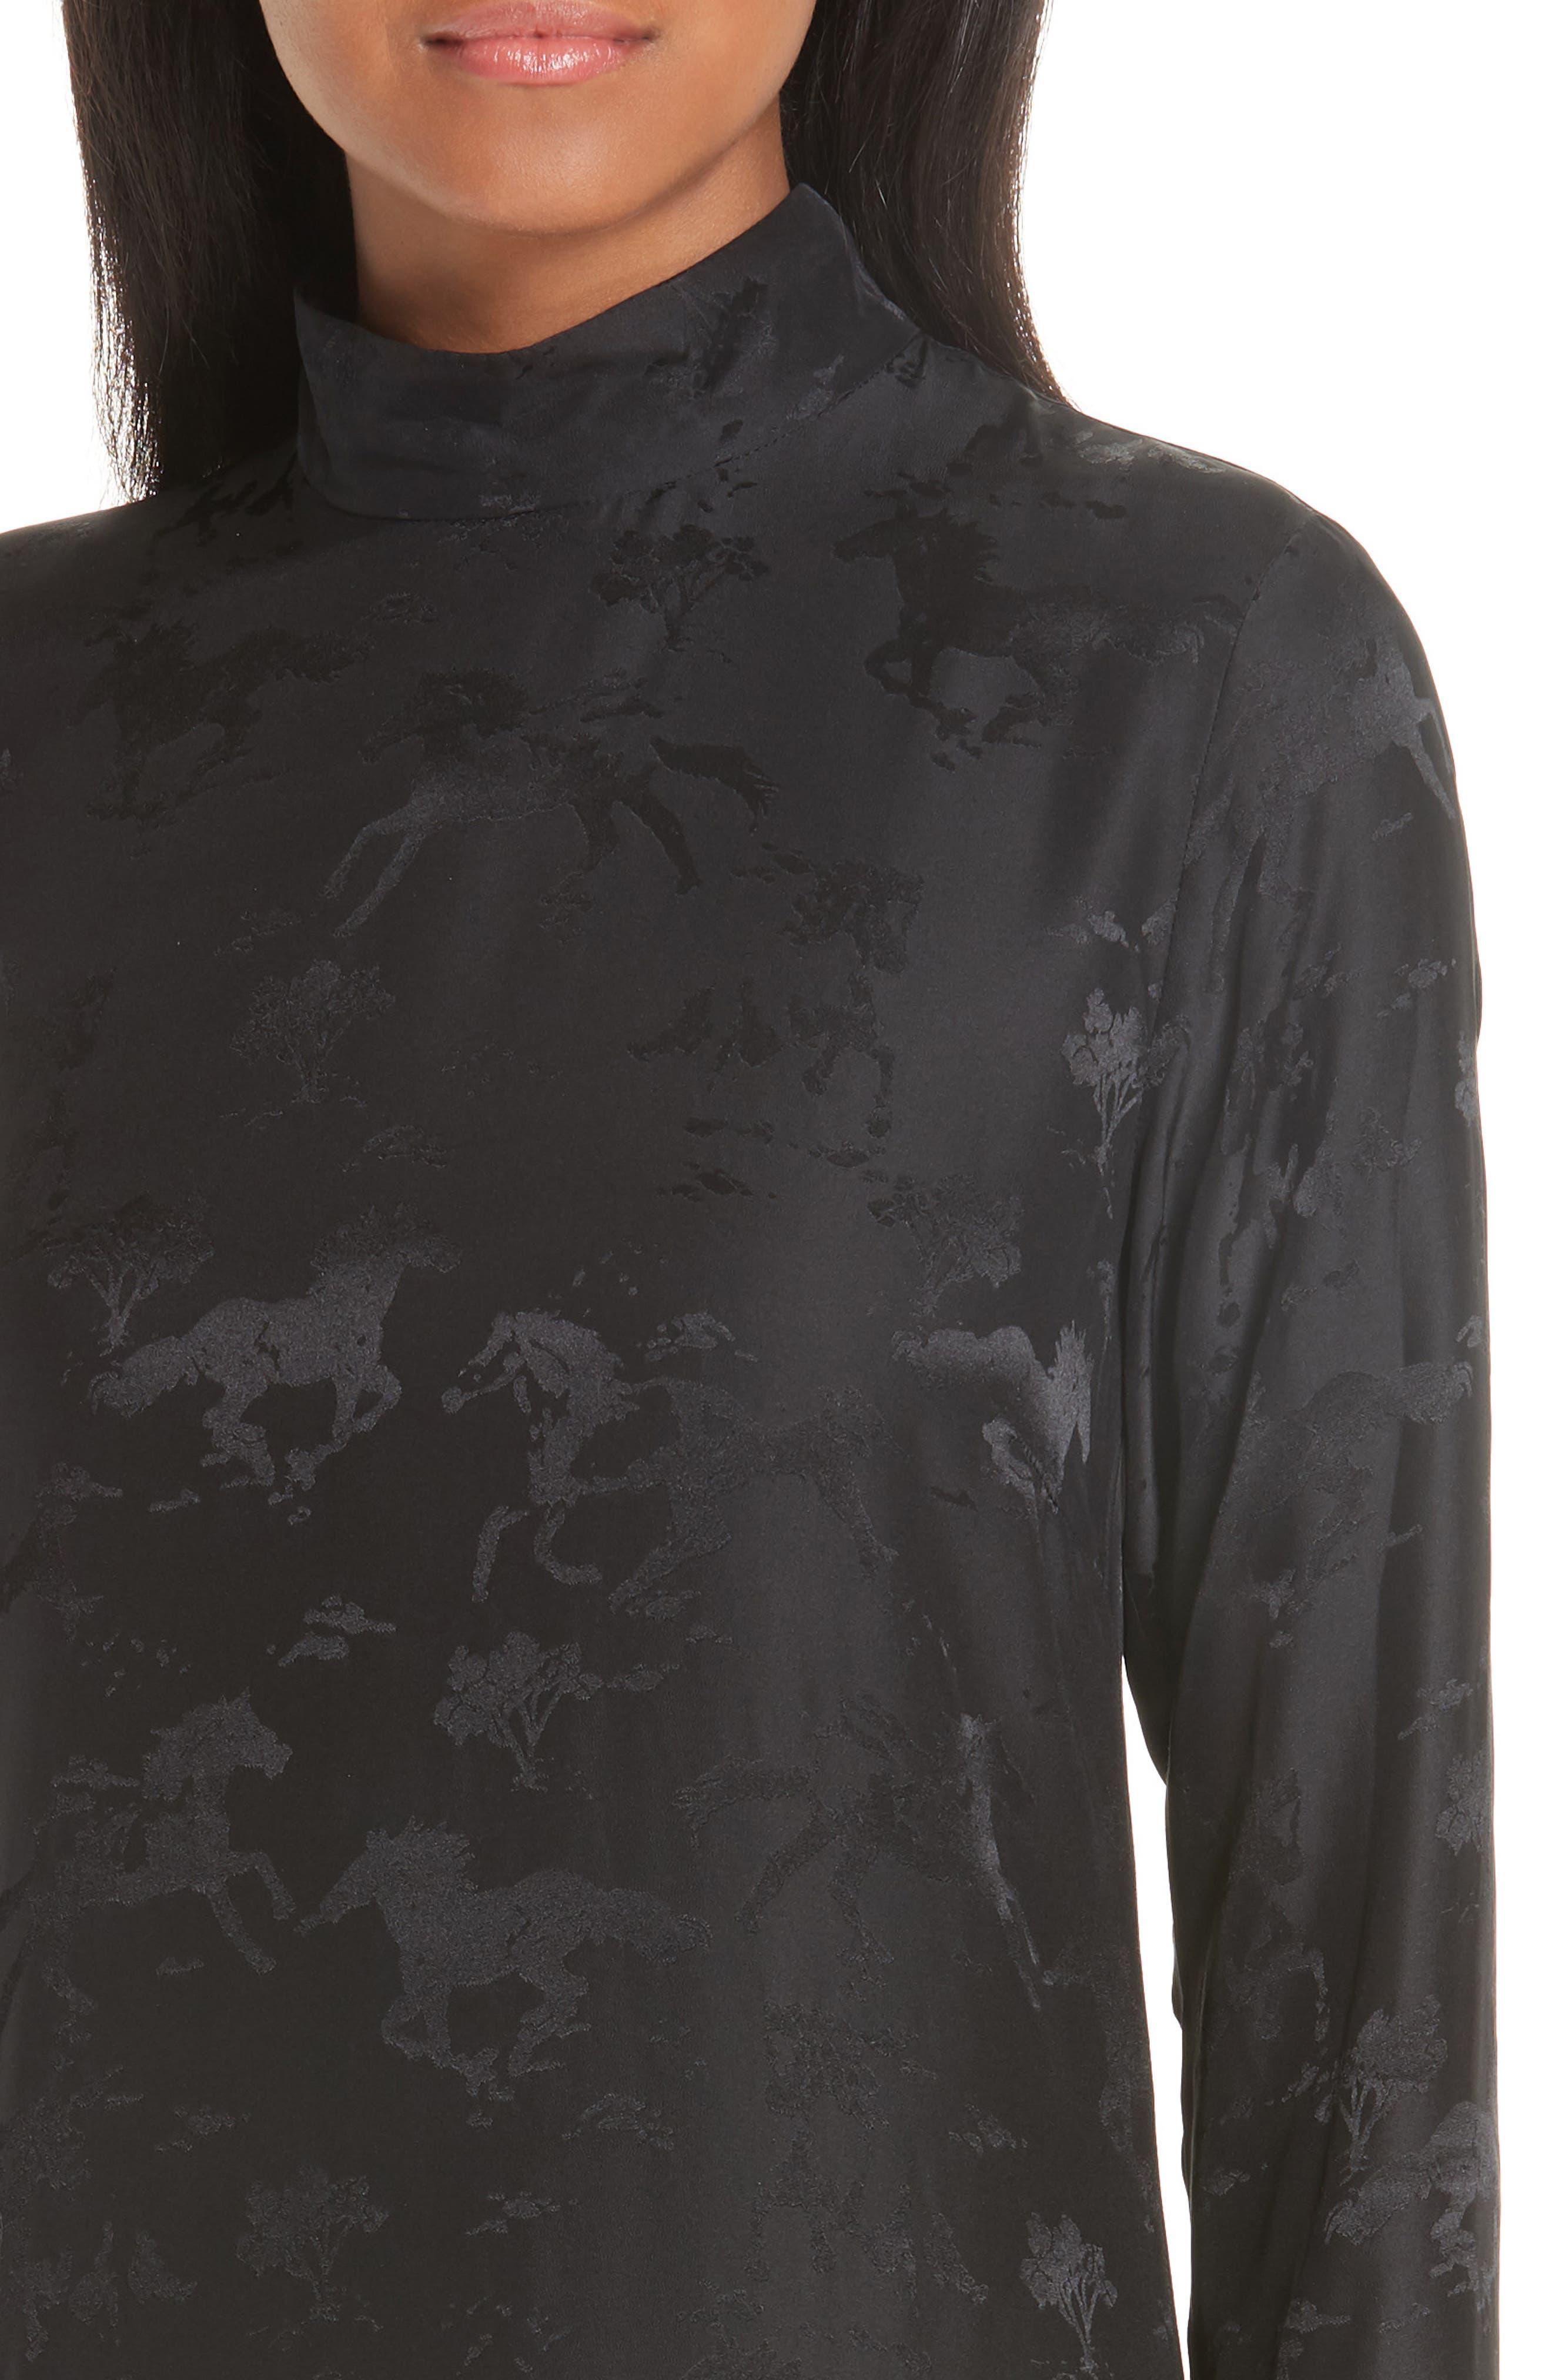 Silk Jacquard Dress,                             Alternate thumbnail 4, color,                             BLACK 099